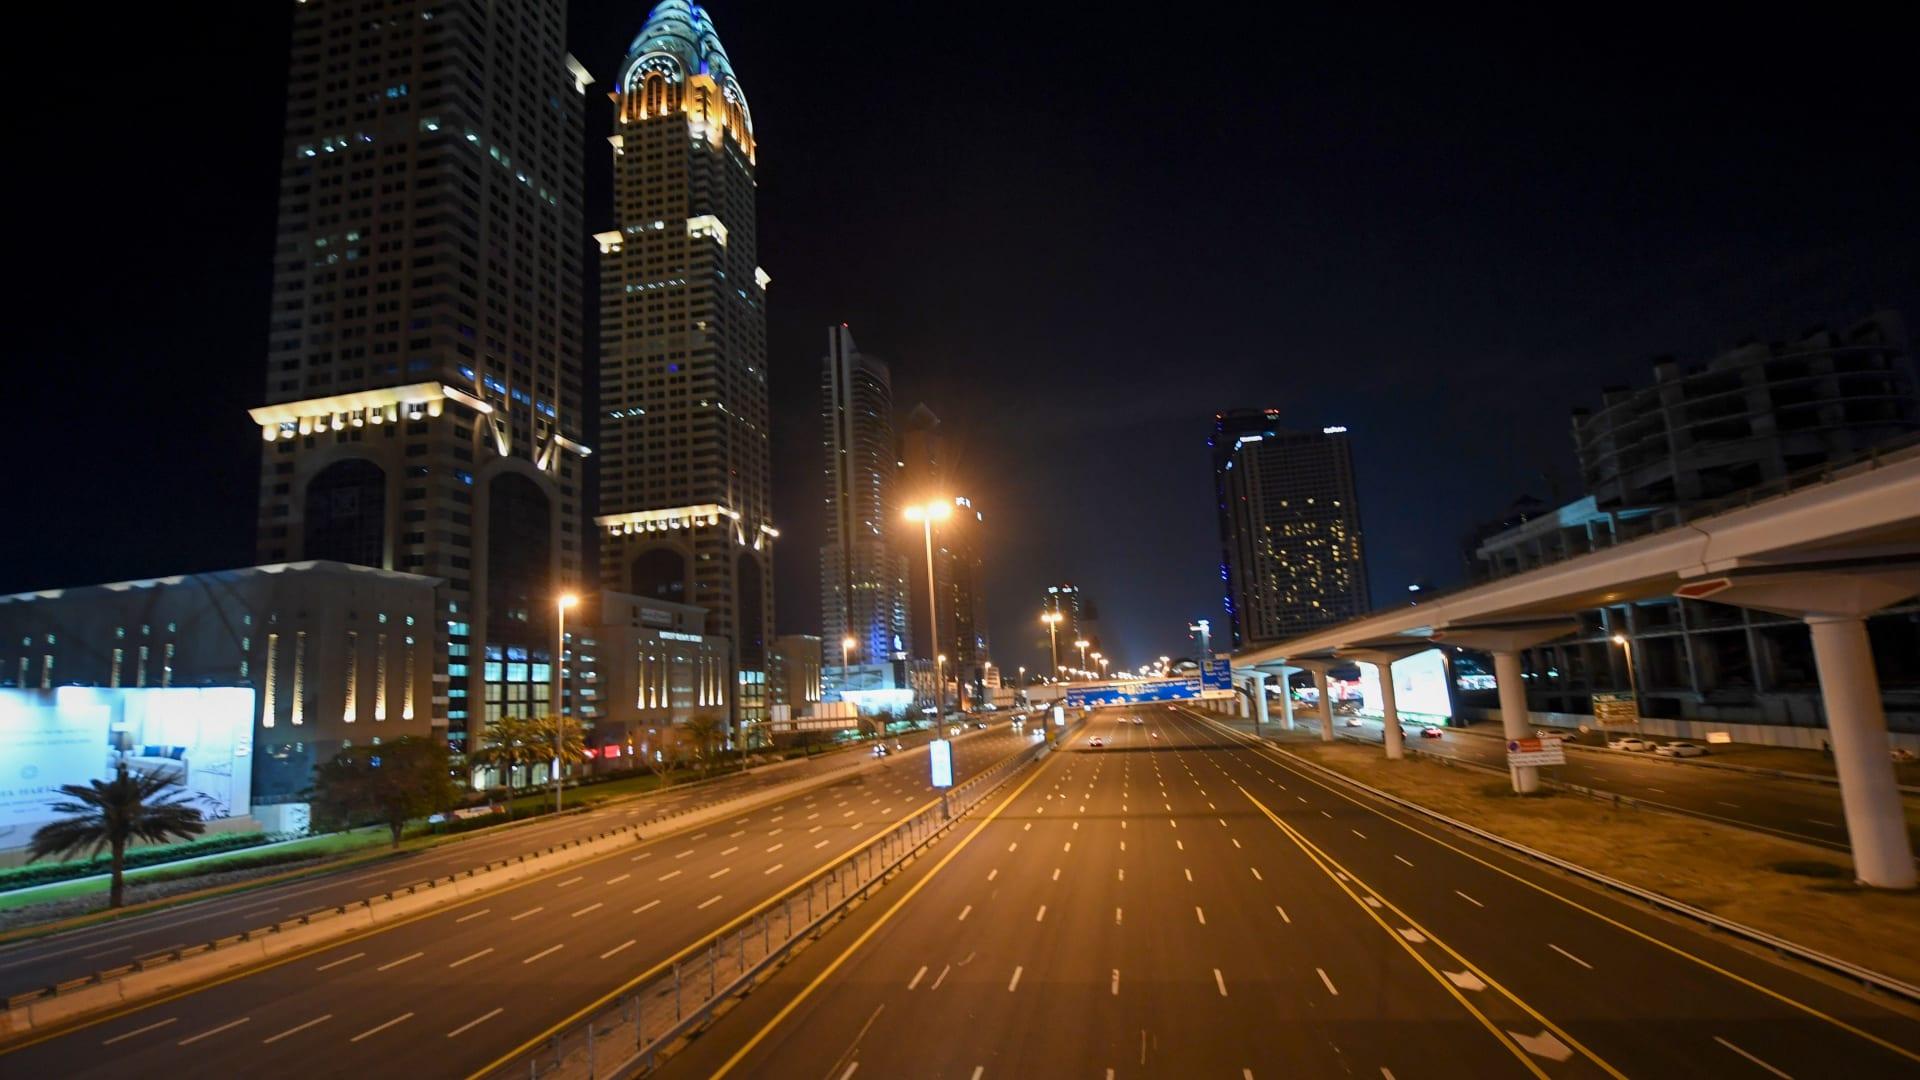 الإمارات تتخذ إجراءات لاحتواء تفشي فيروس كورونا